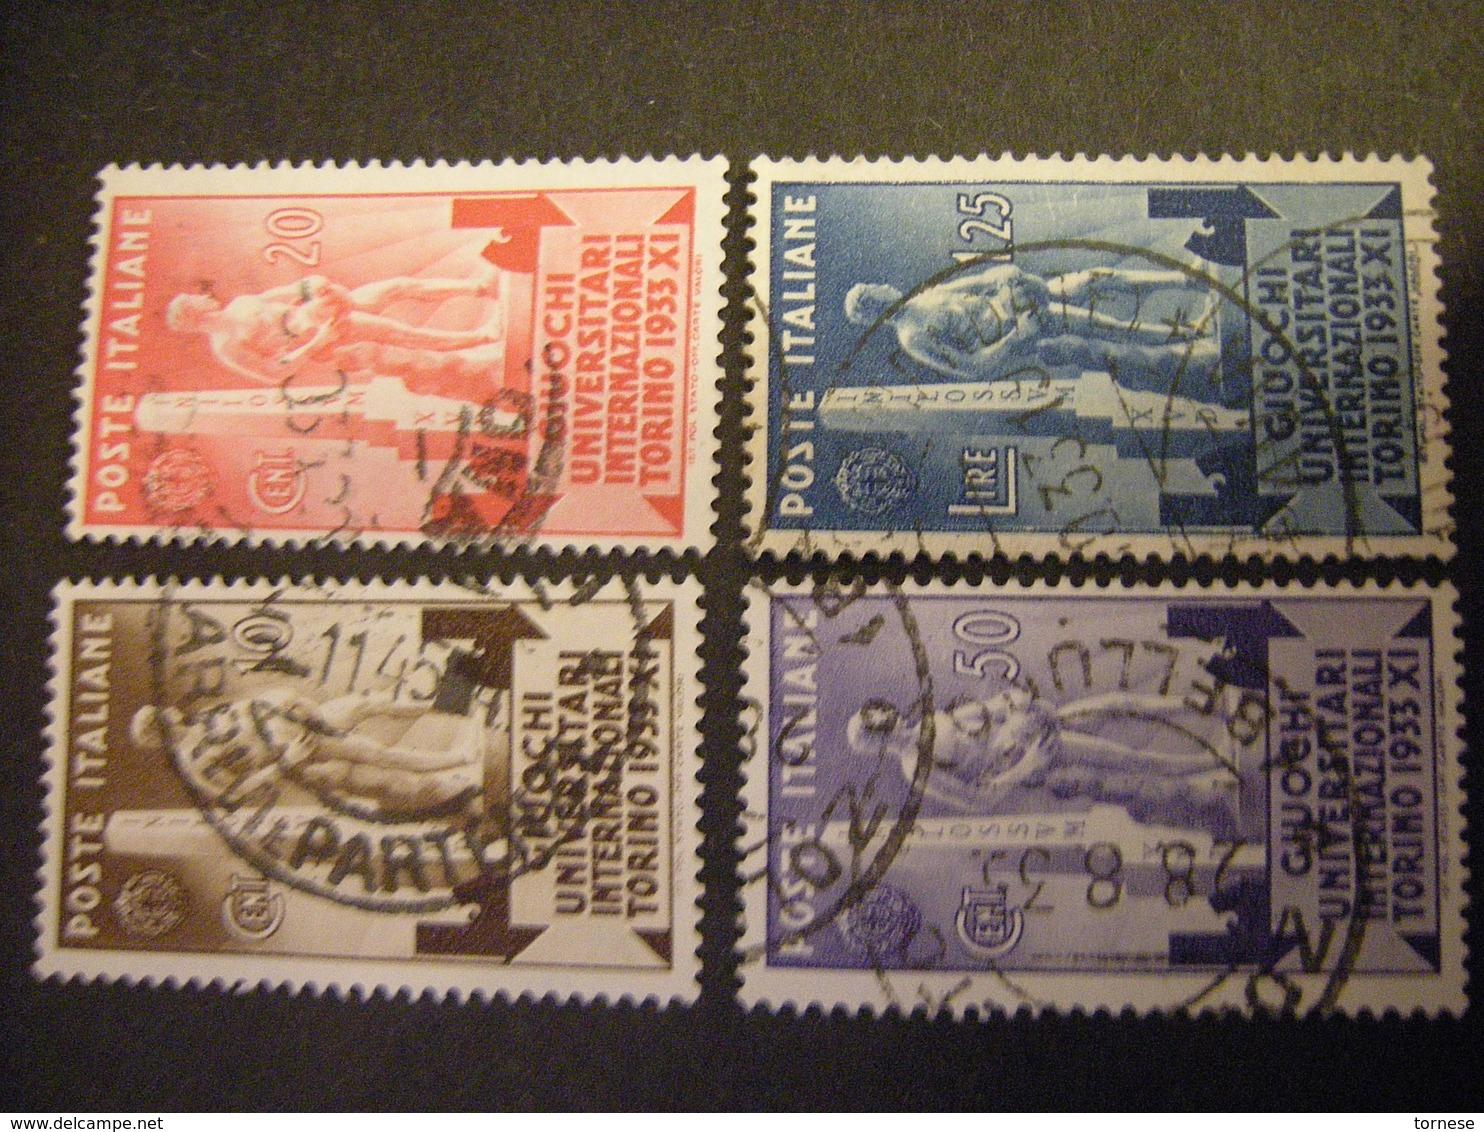 REGNO - 1933 - Giochi Universitari, Serie Completa, Usati, TTB,  OCCASIONE - 1900-44 Vittorio Emanuele III